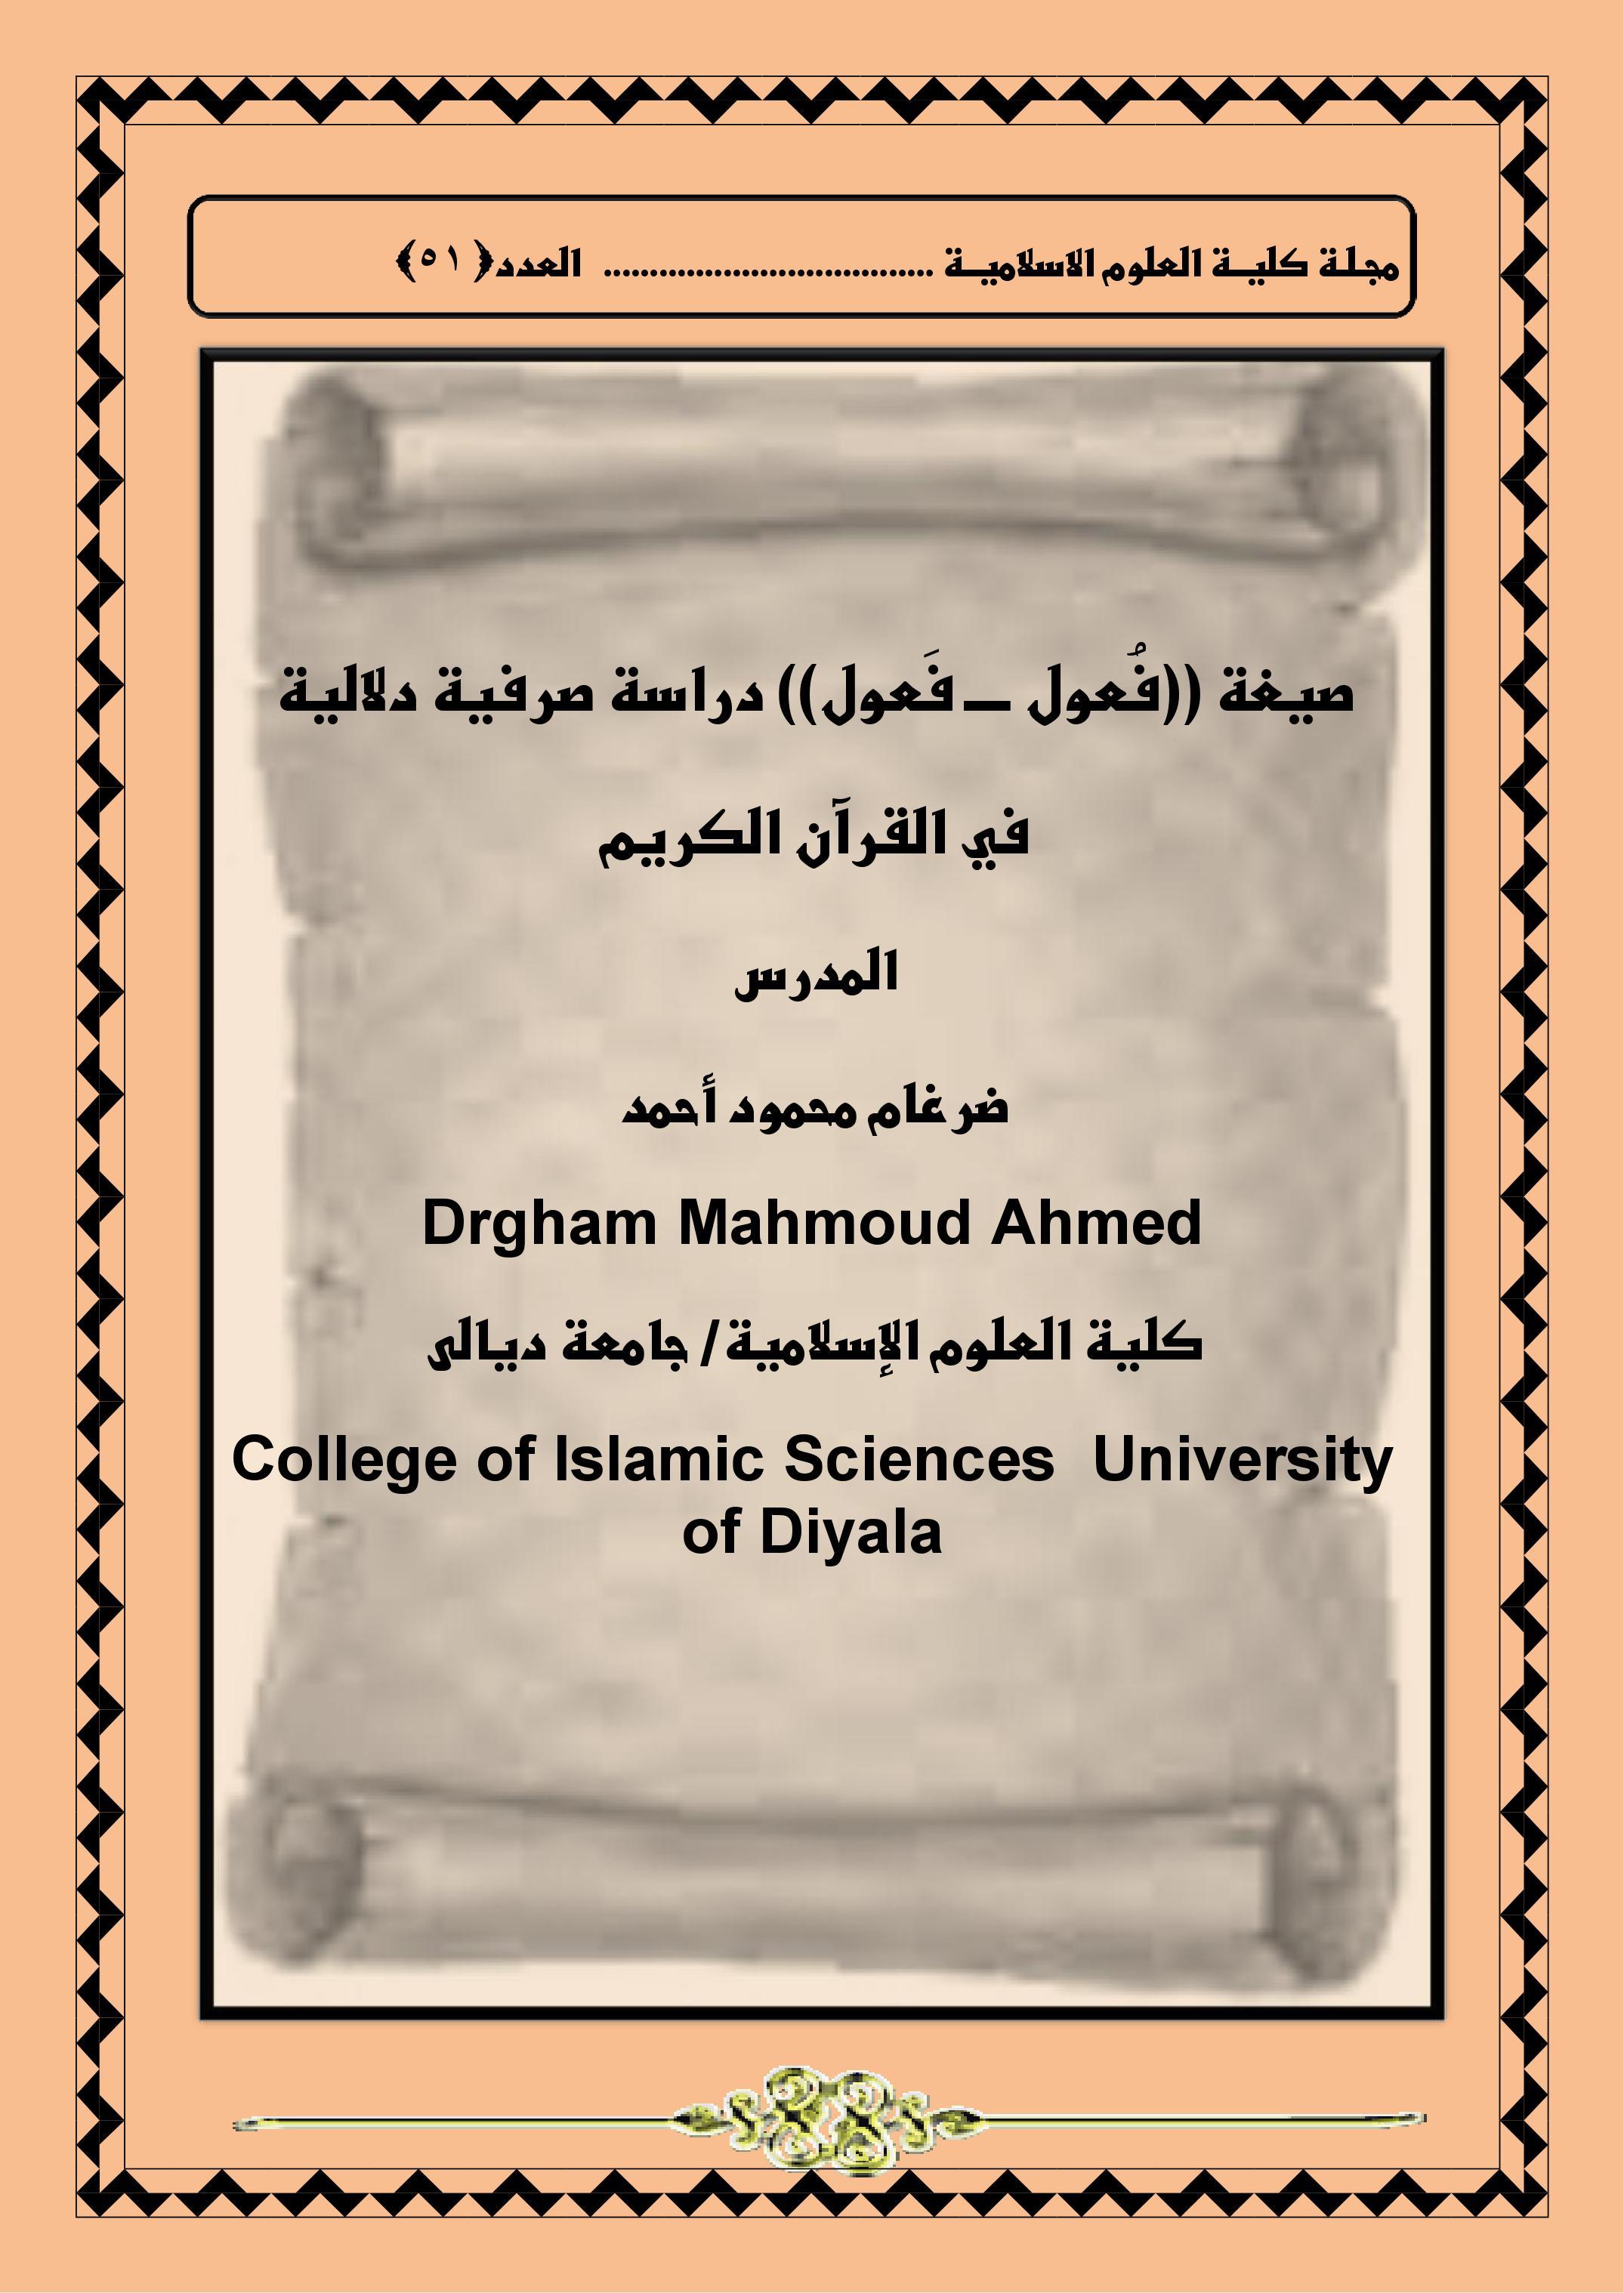 صيغة ((فُعول ــــ فَعول)) دراسة صرفية دلالية في القرآن الكريم